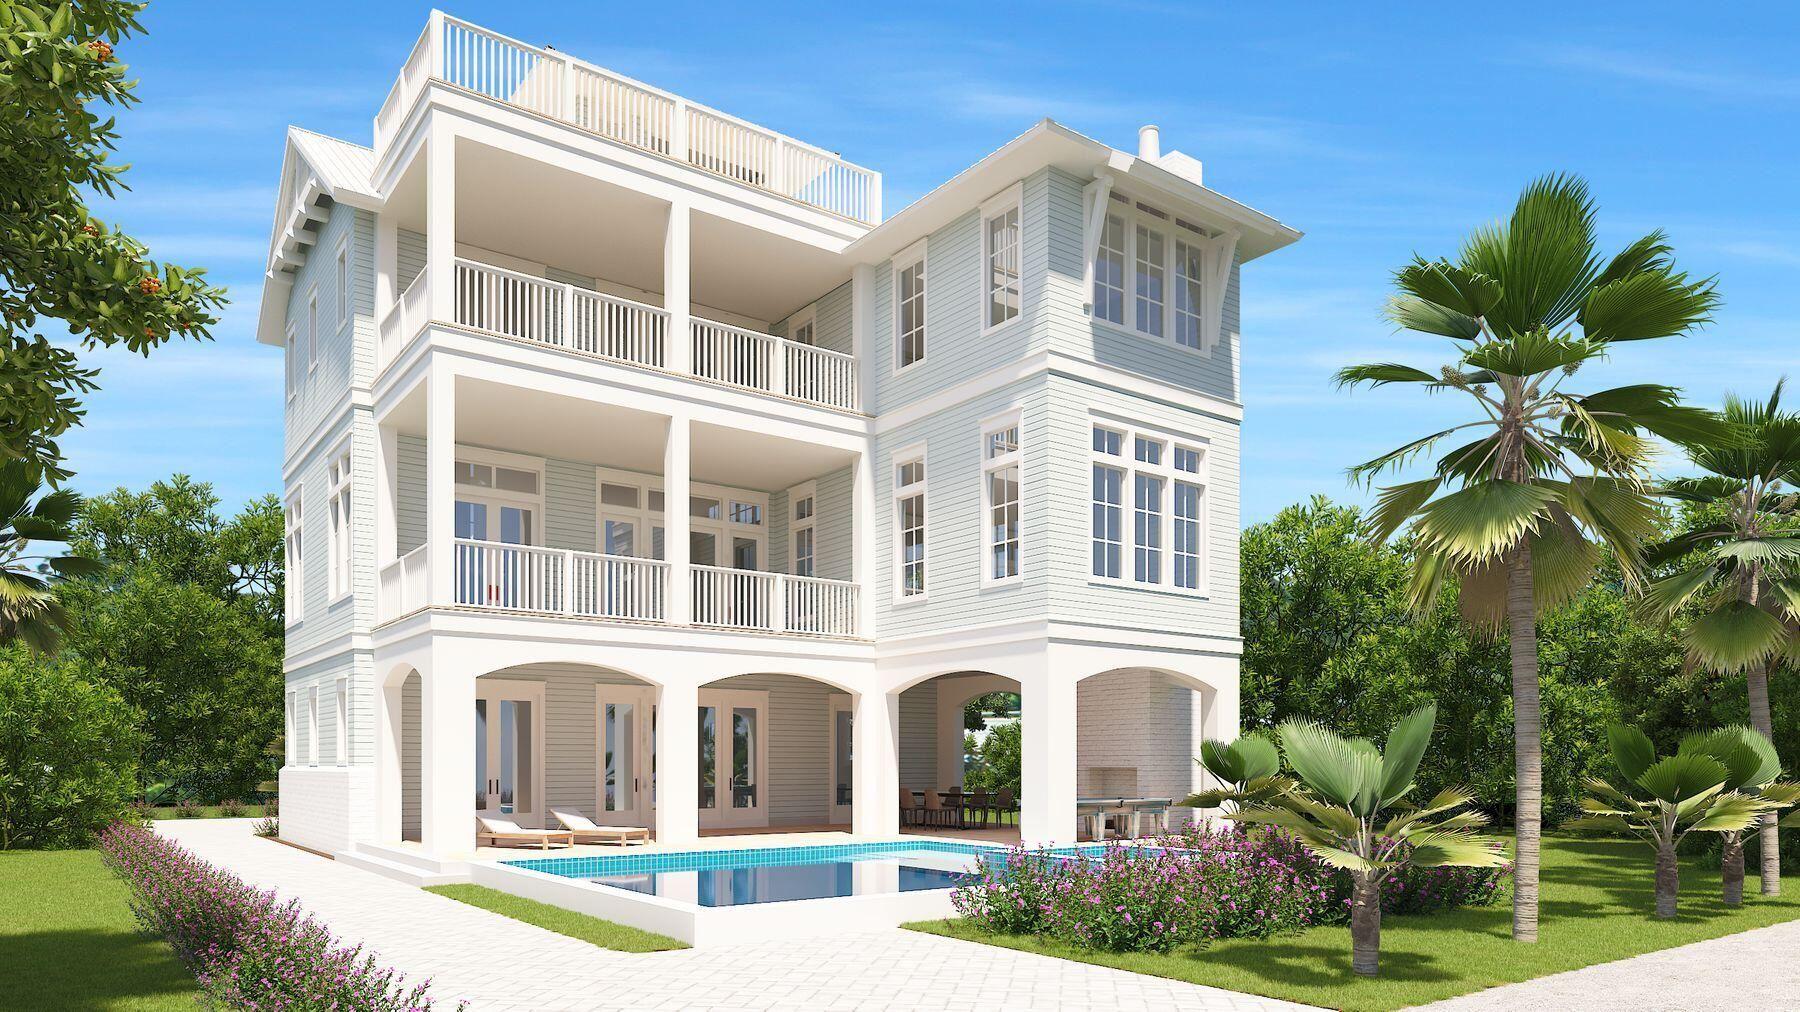 2917 E Co Highway 30A                                                                               Santa Rosa Beach                                                                      , FL - $6,450,000